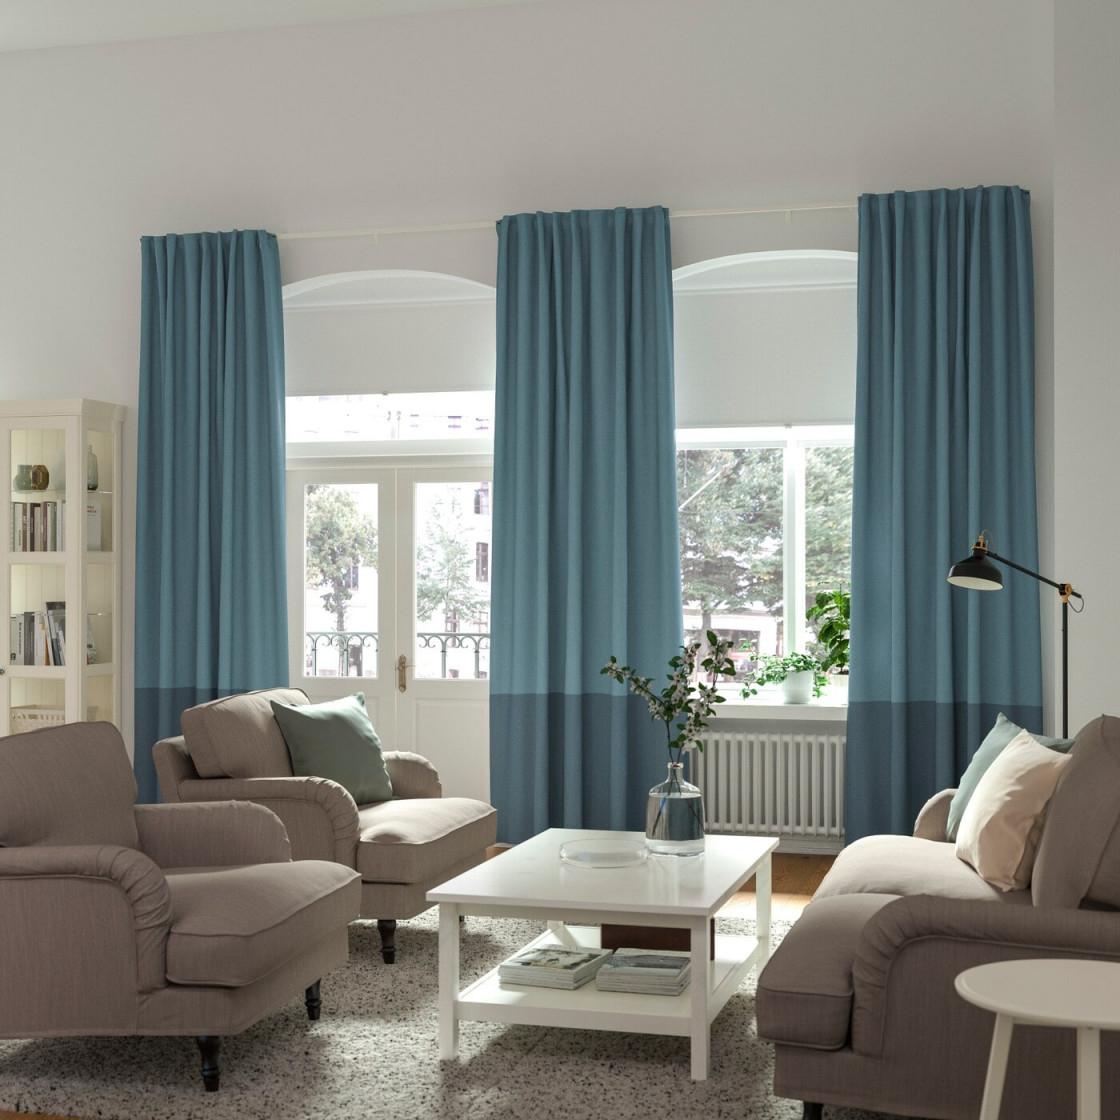 Gardinenideen Inspirationen Für Dein Zuhause  Ikea von Gardinen Für Erker Wohnzimmer Photo